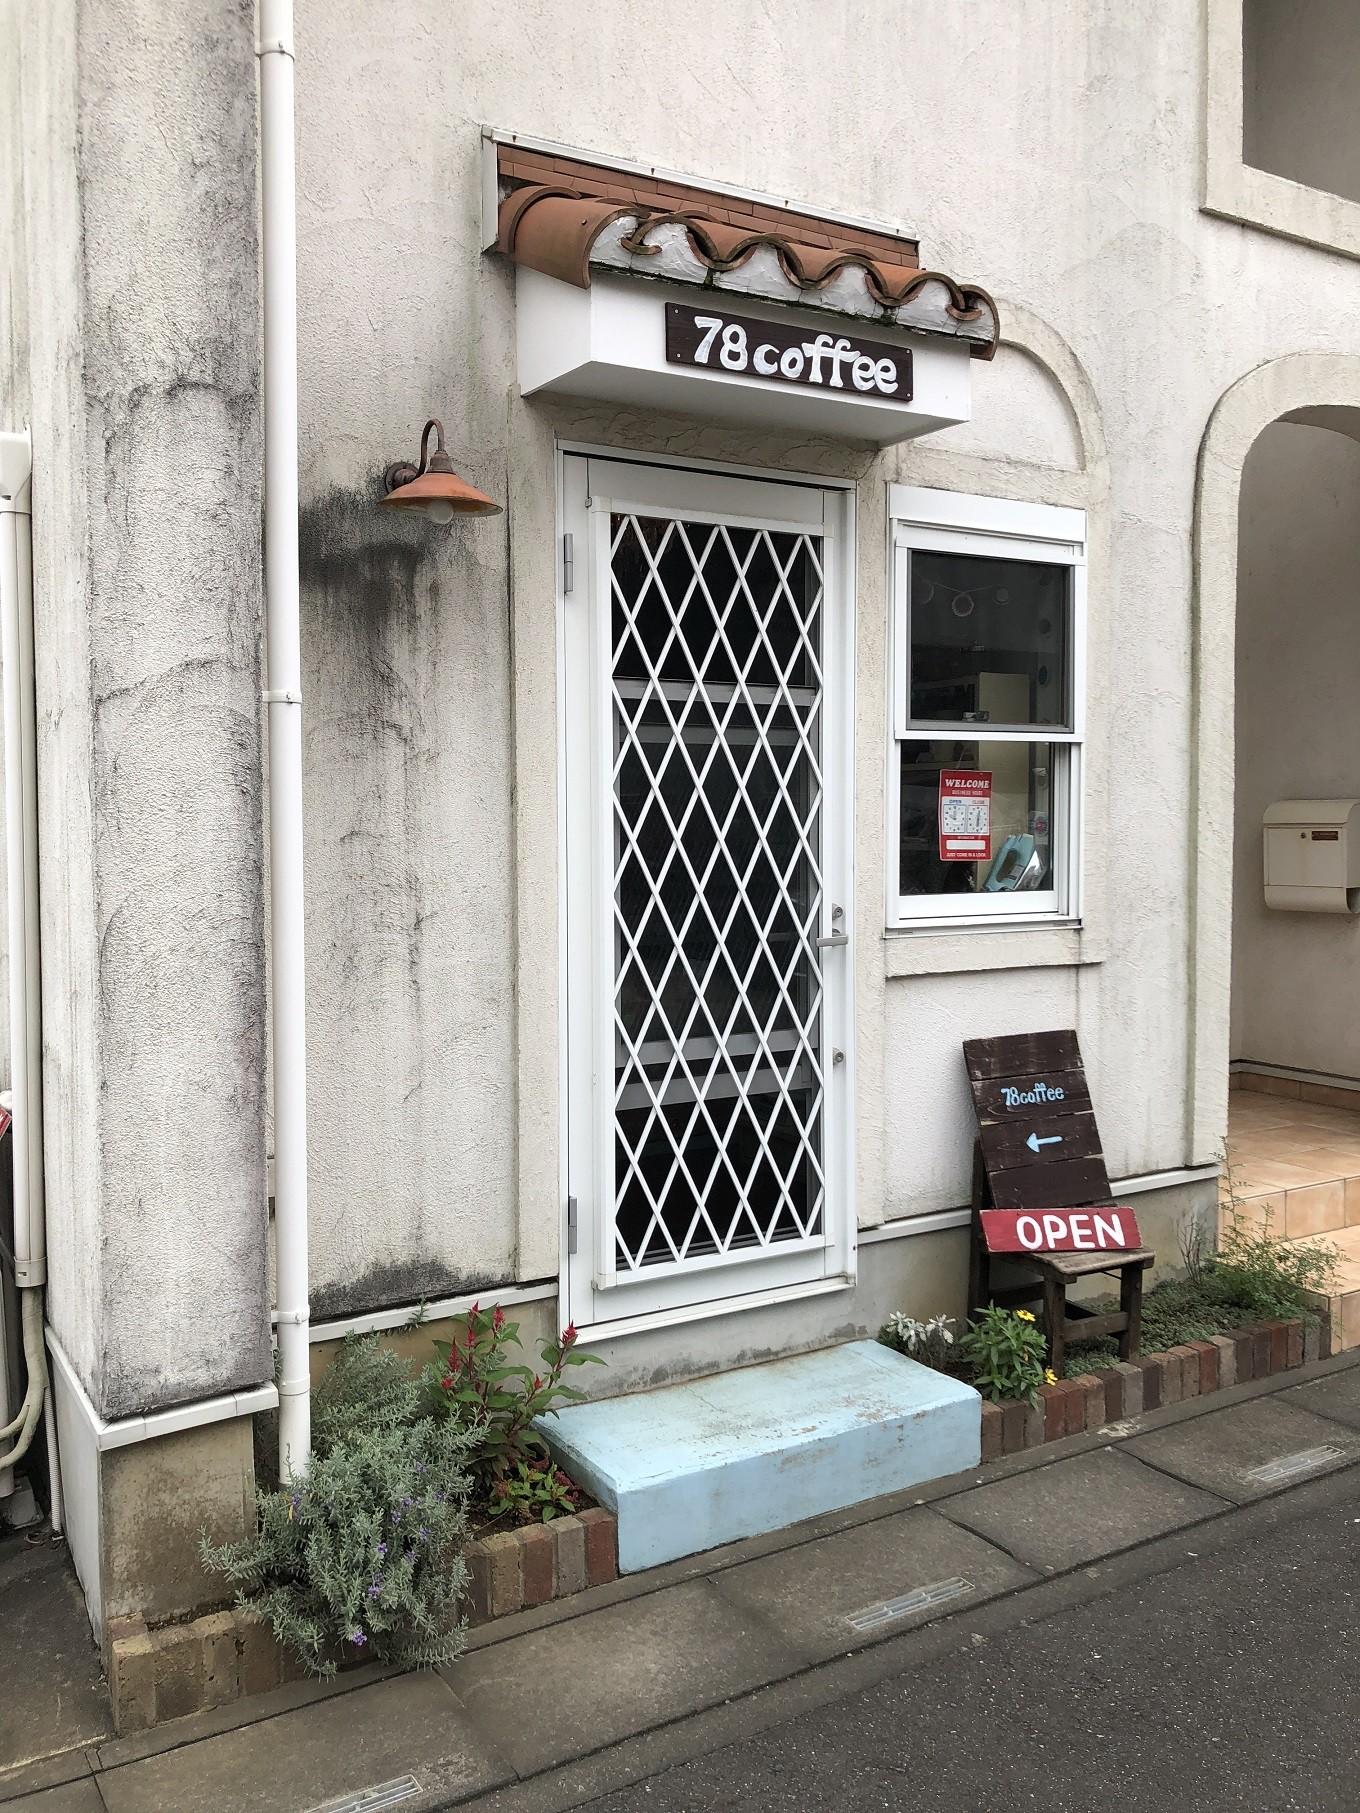 住宅街にある、こじんまりとしたお洒落でかわいい外観のお店です。